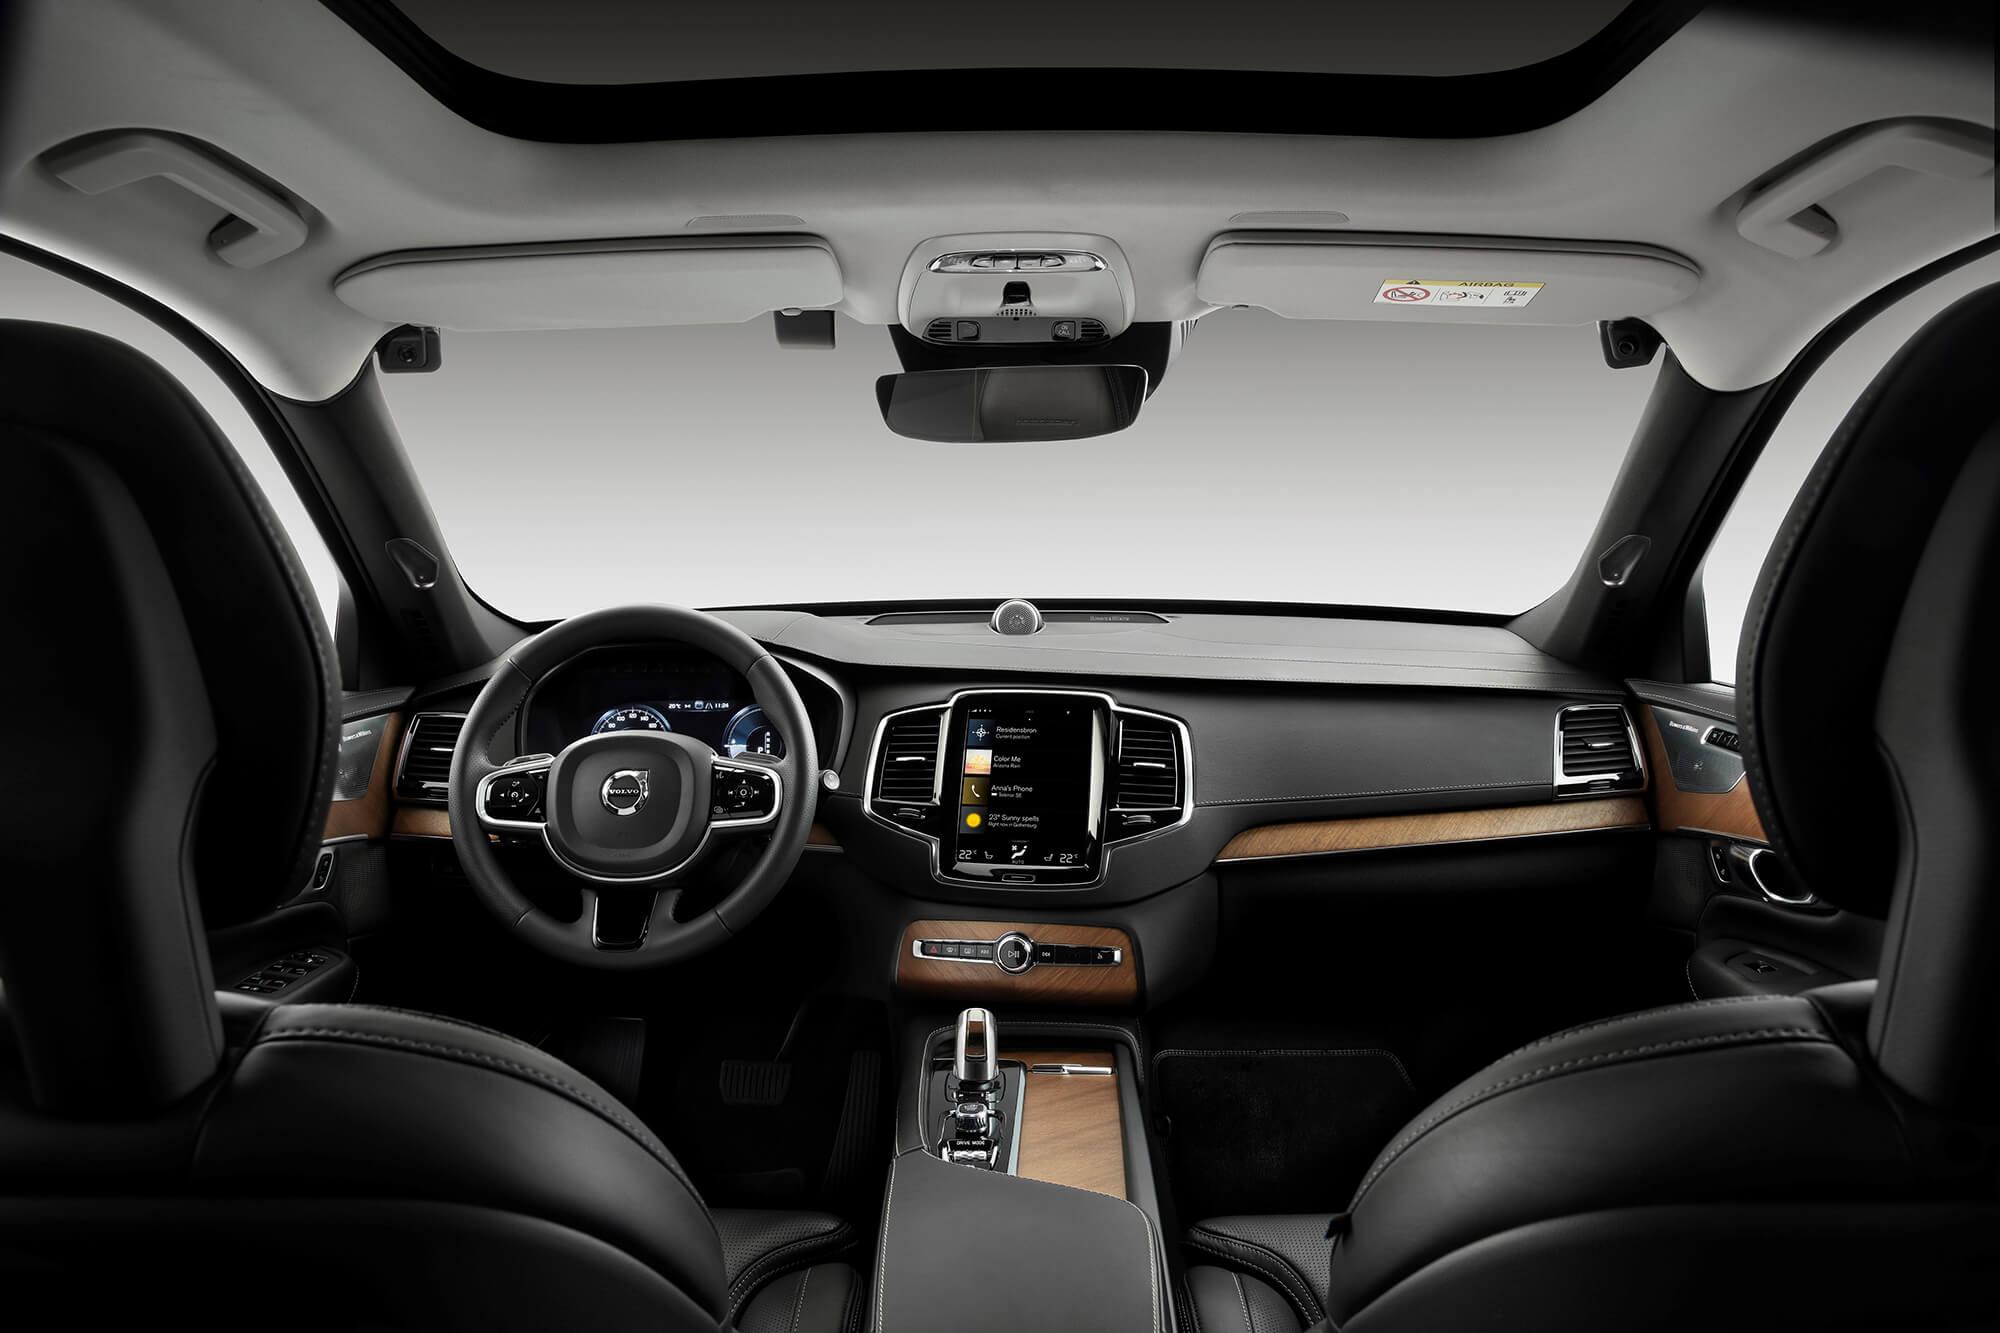 Volvo monitorizar condutor